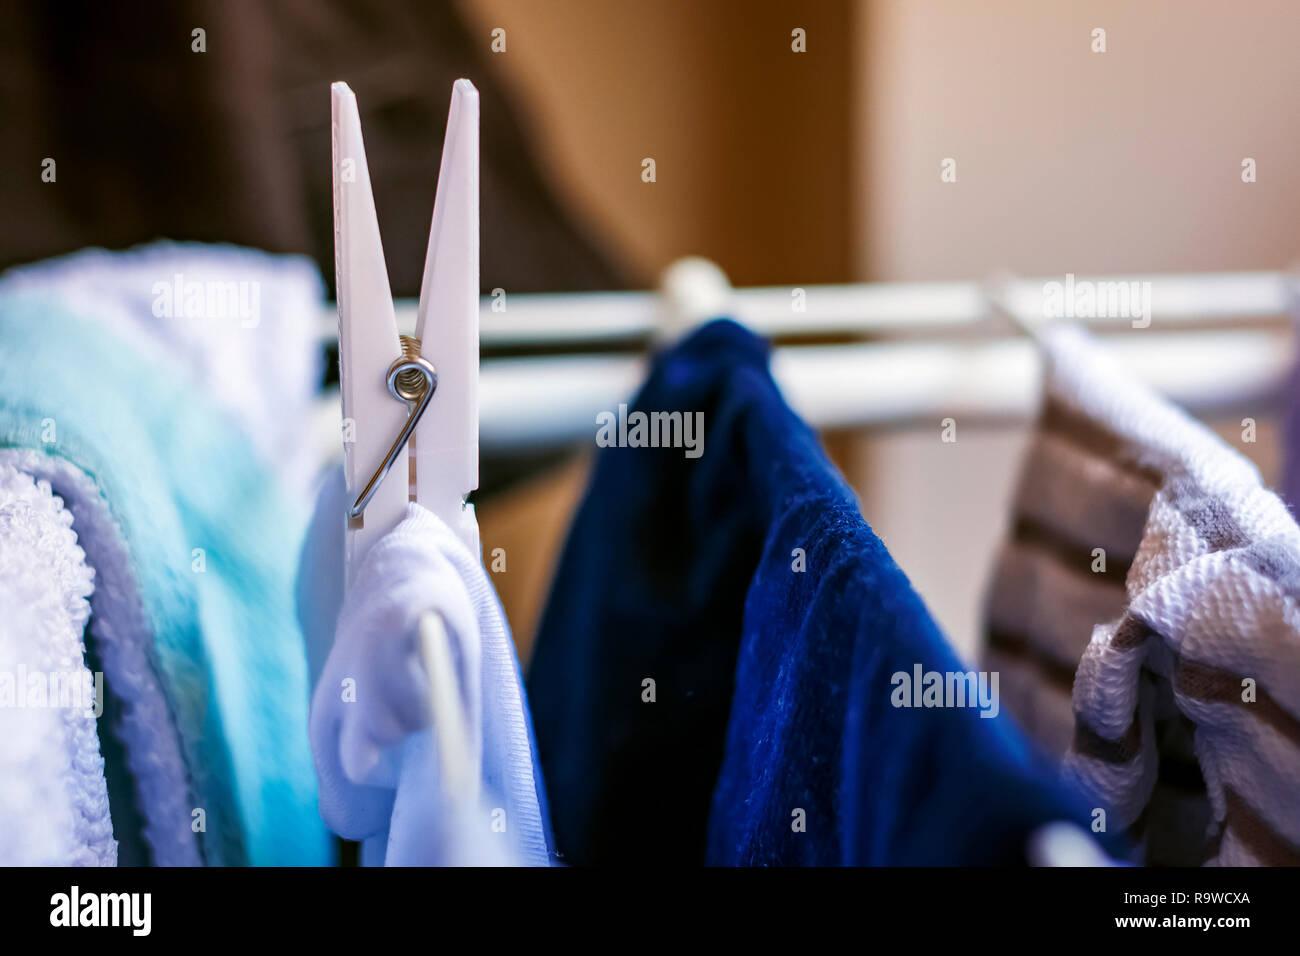 Eine Weiße Clothespin Hängt Ein Kleidung Hängt Ein Wäscheständer